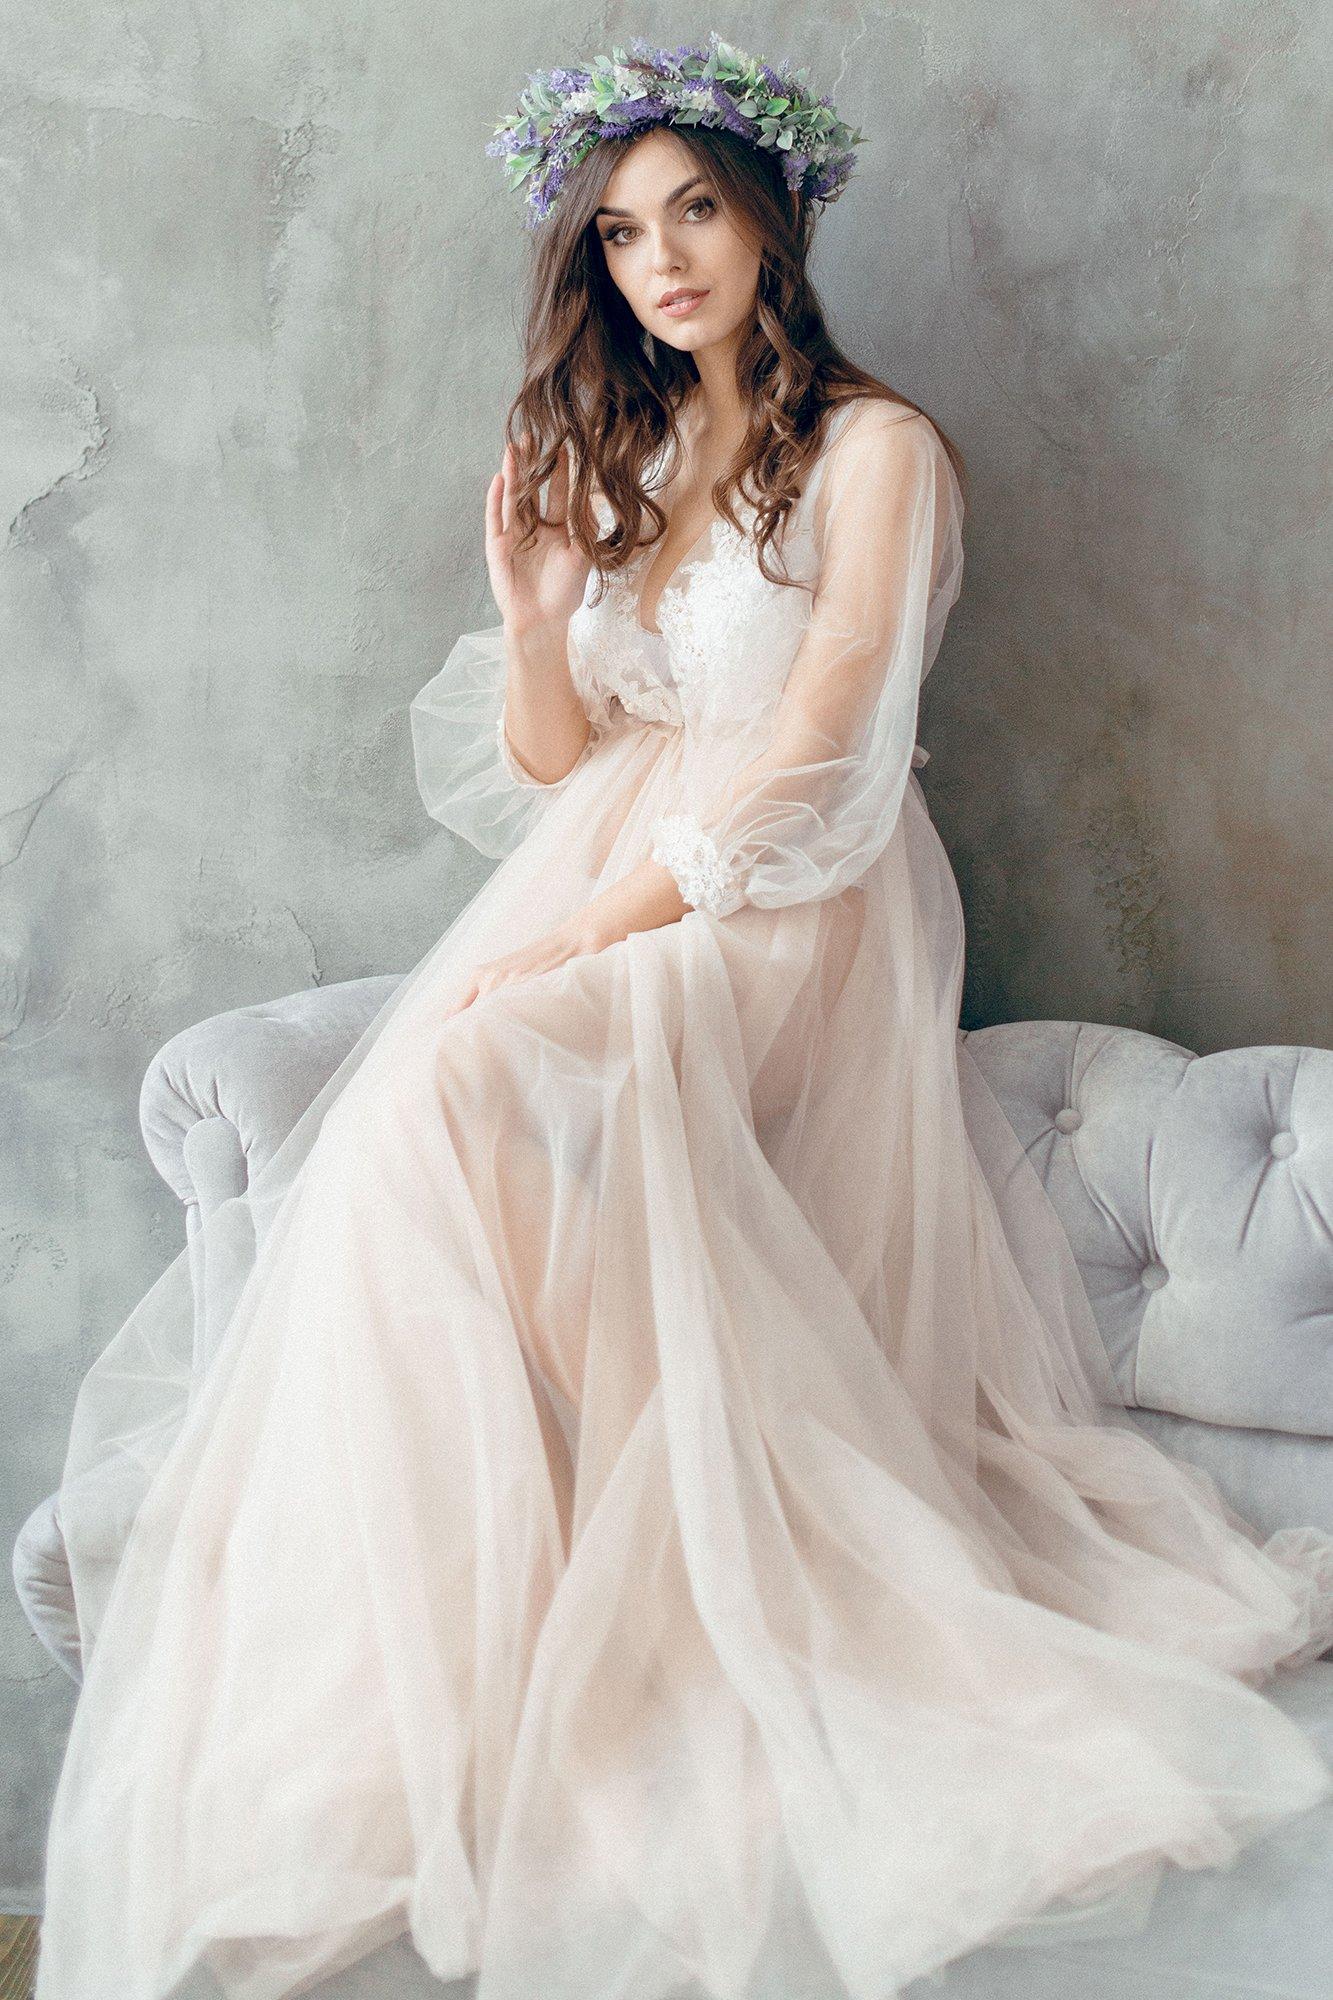 Hochzeitskleid mit Blumenkranz